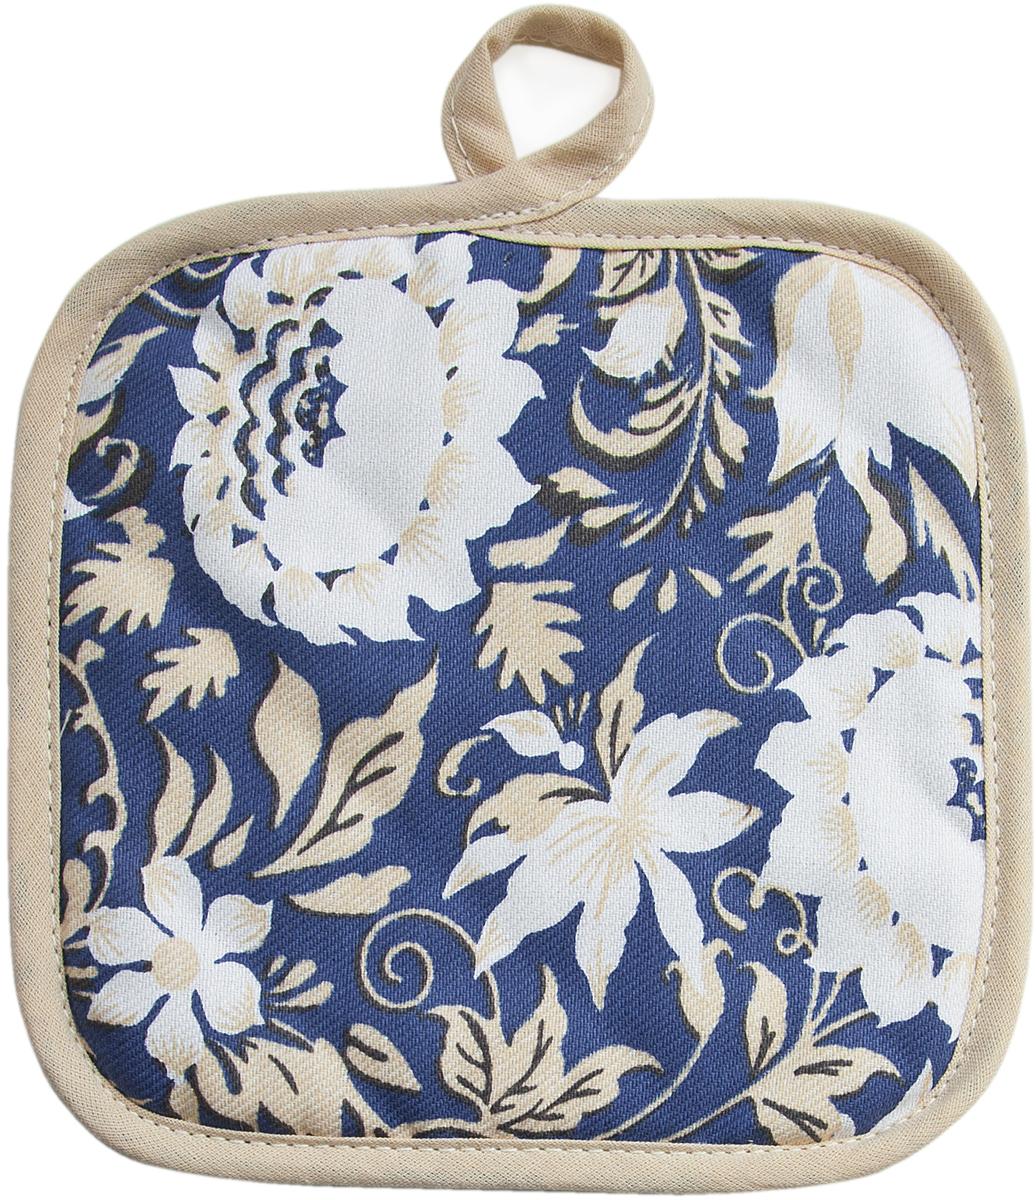 Прихватка Bonita Белые росы, 18 х 18 см15010816717Прихватка Bonita выполнена из натурального хлопка и декорирована оригинальным рисунком. Изделие оснащено специальной петелькой, за которую его можно подвесить на крючок в любом удобном для вас месте. Такая прихватка красиво дополнит интерьер кухни.